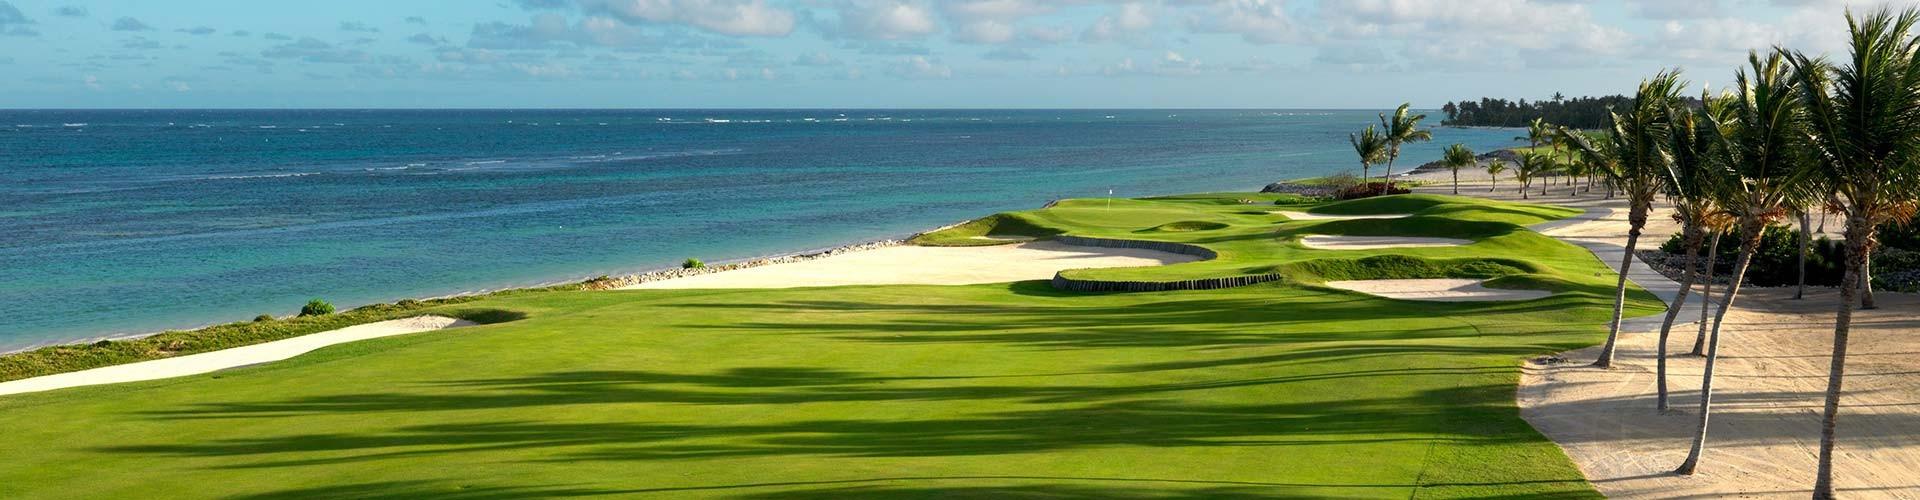 Golf, Tennis & Spa